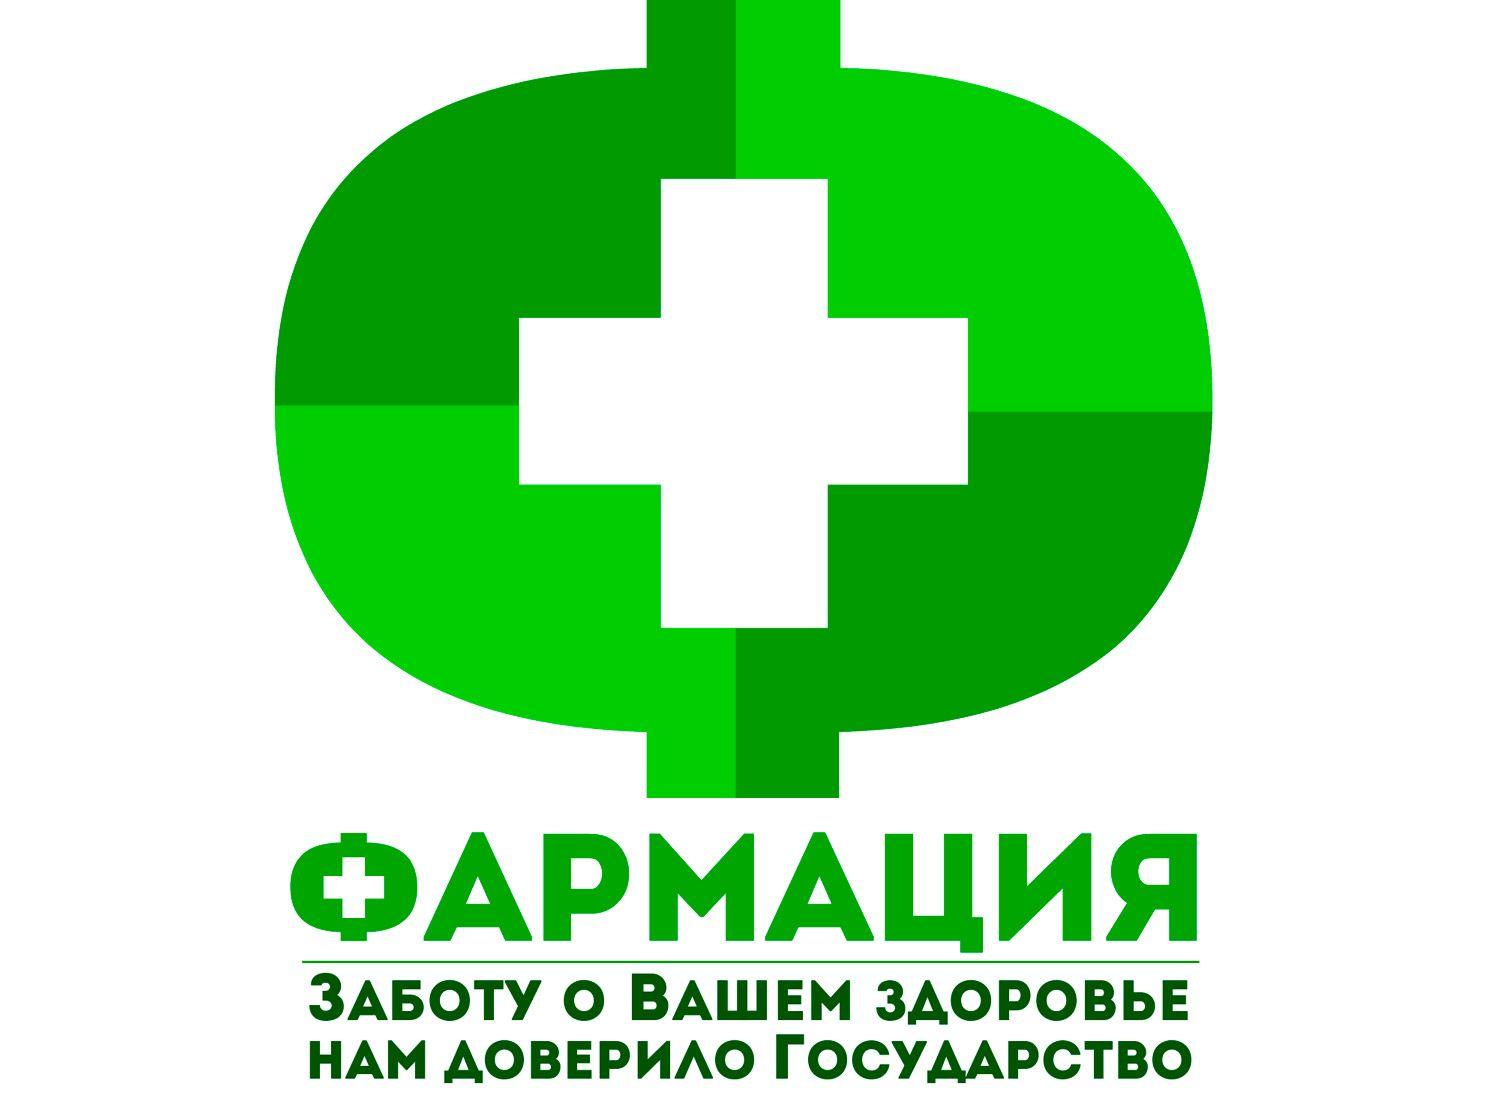 Логотип для государственной аптеки - дизайнер LesFleurs